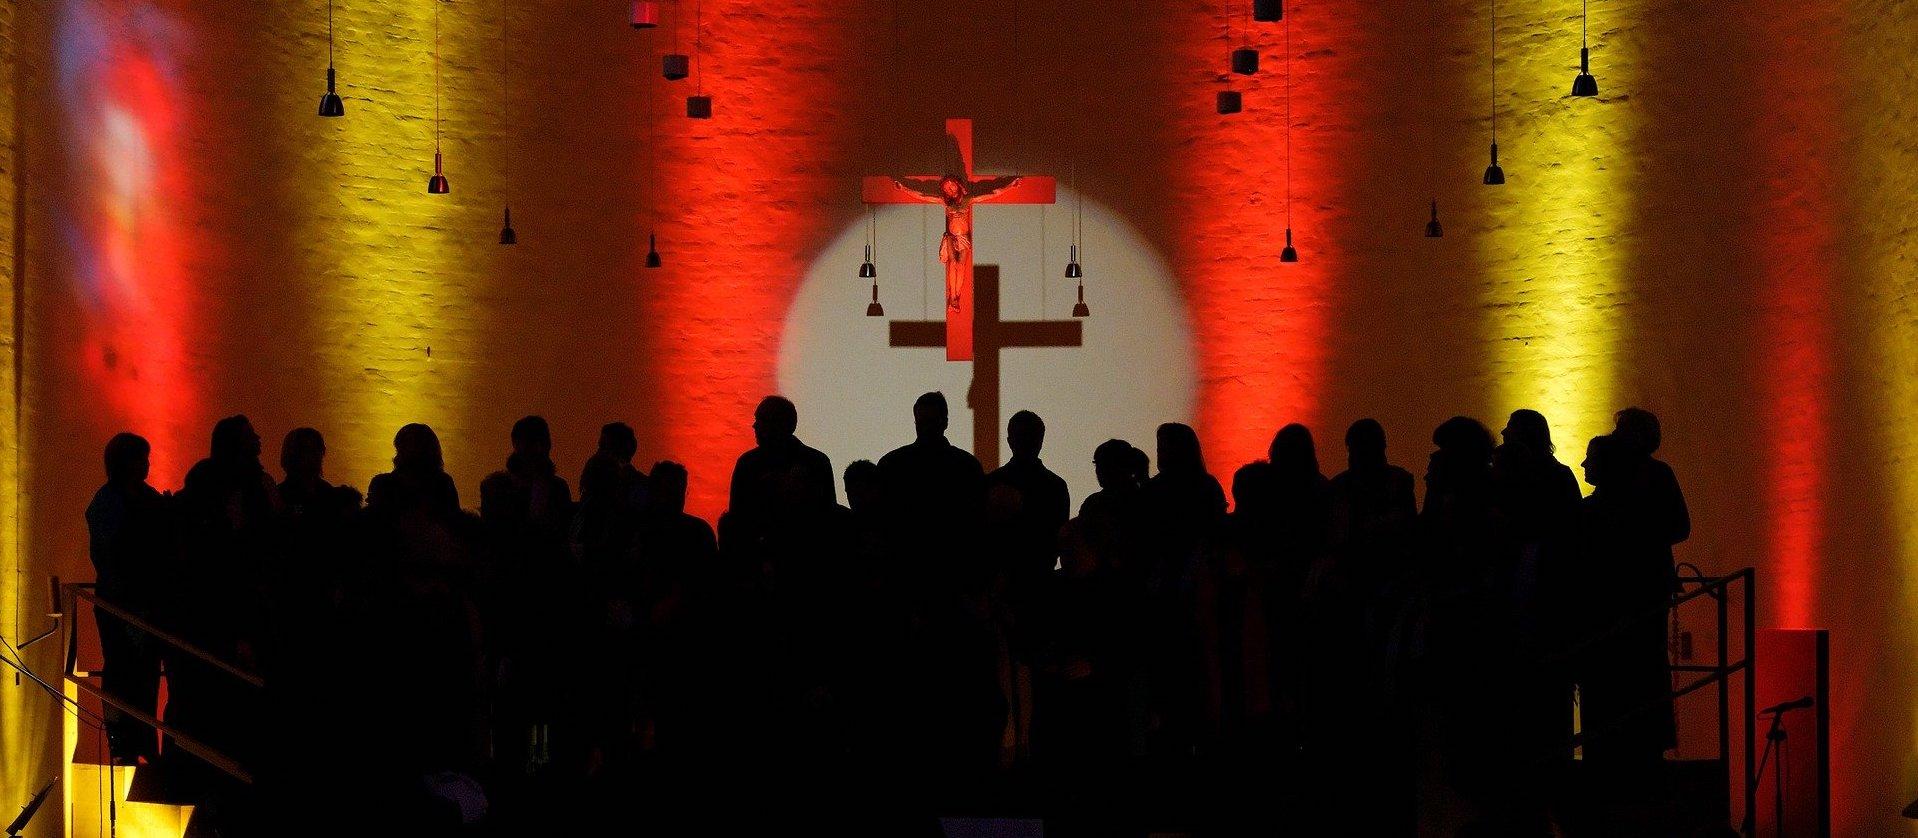 Silhouette eines Chors vor einem Kreuz